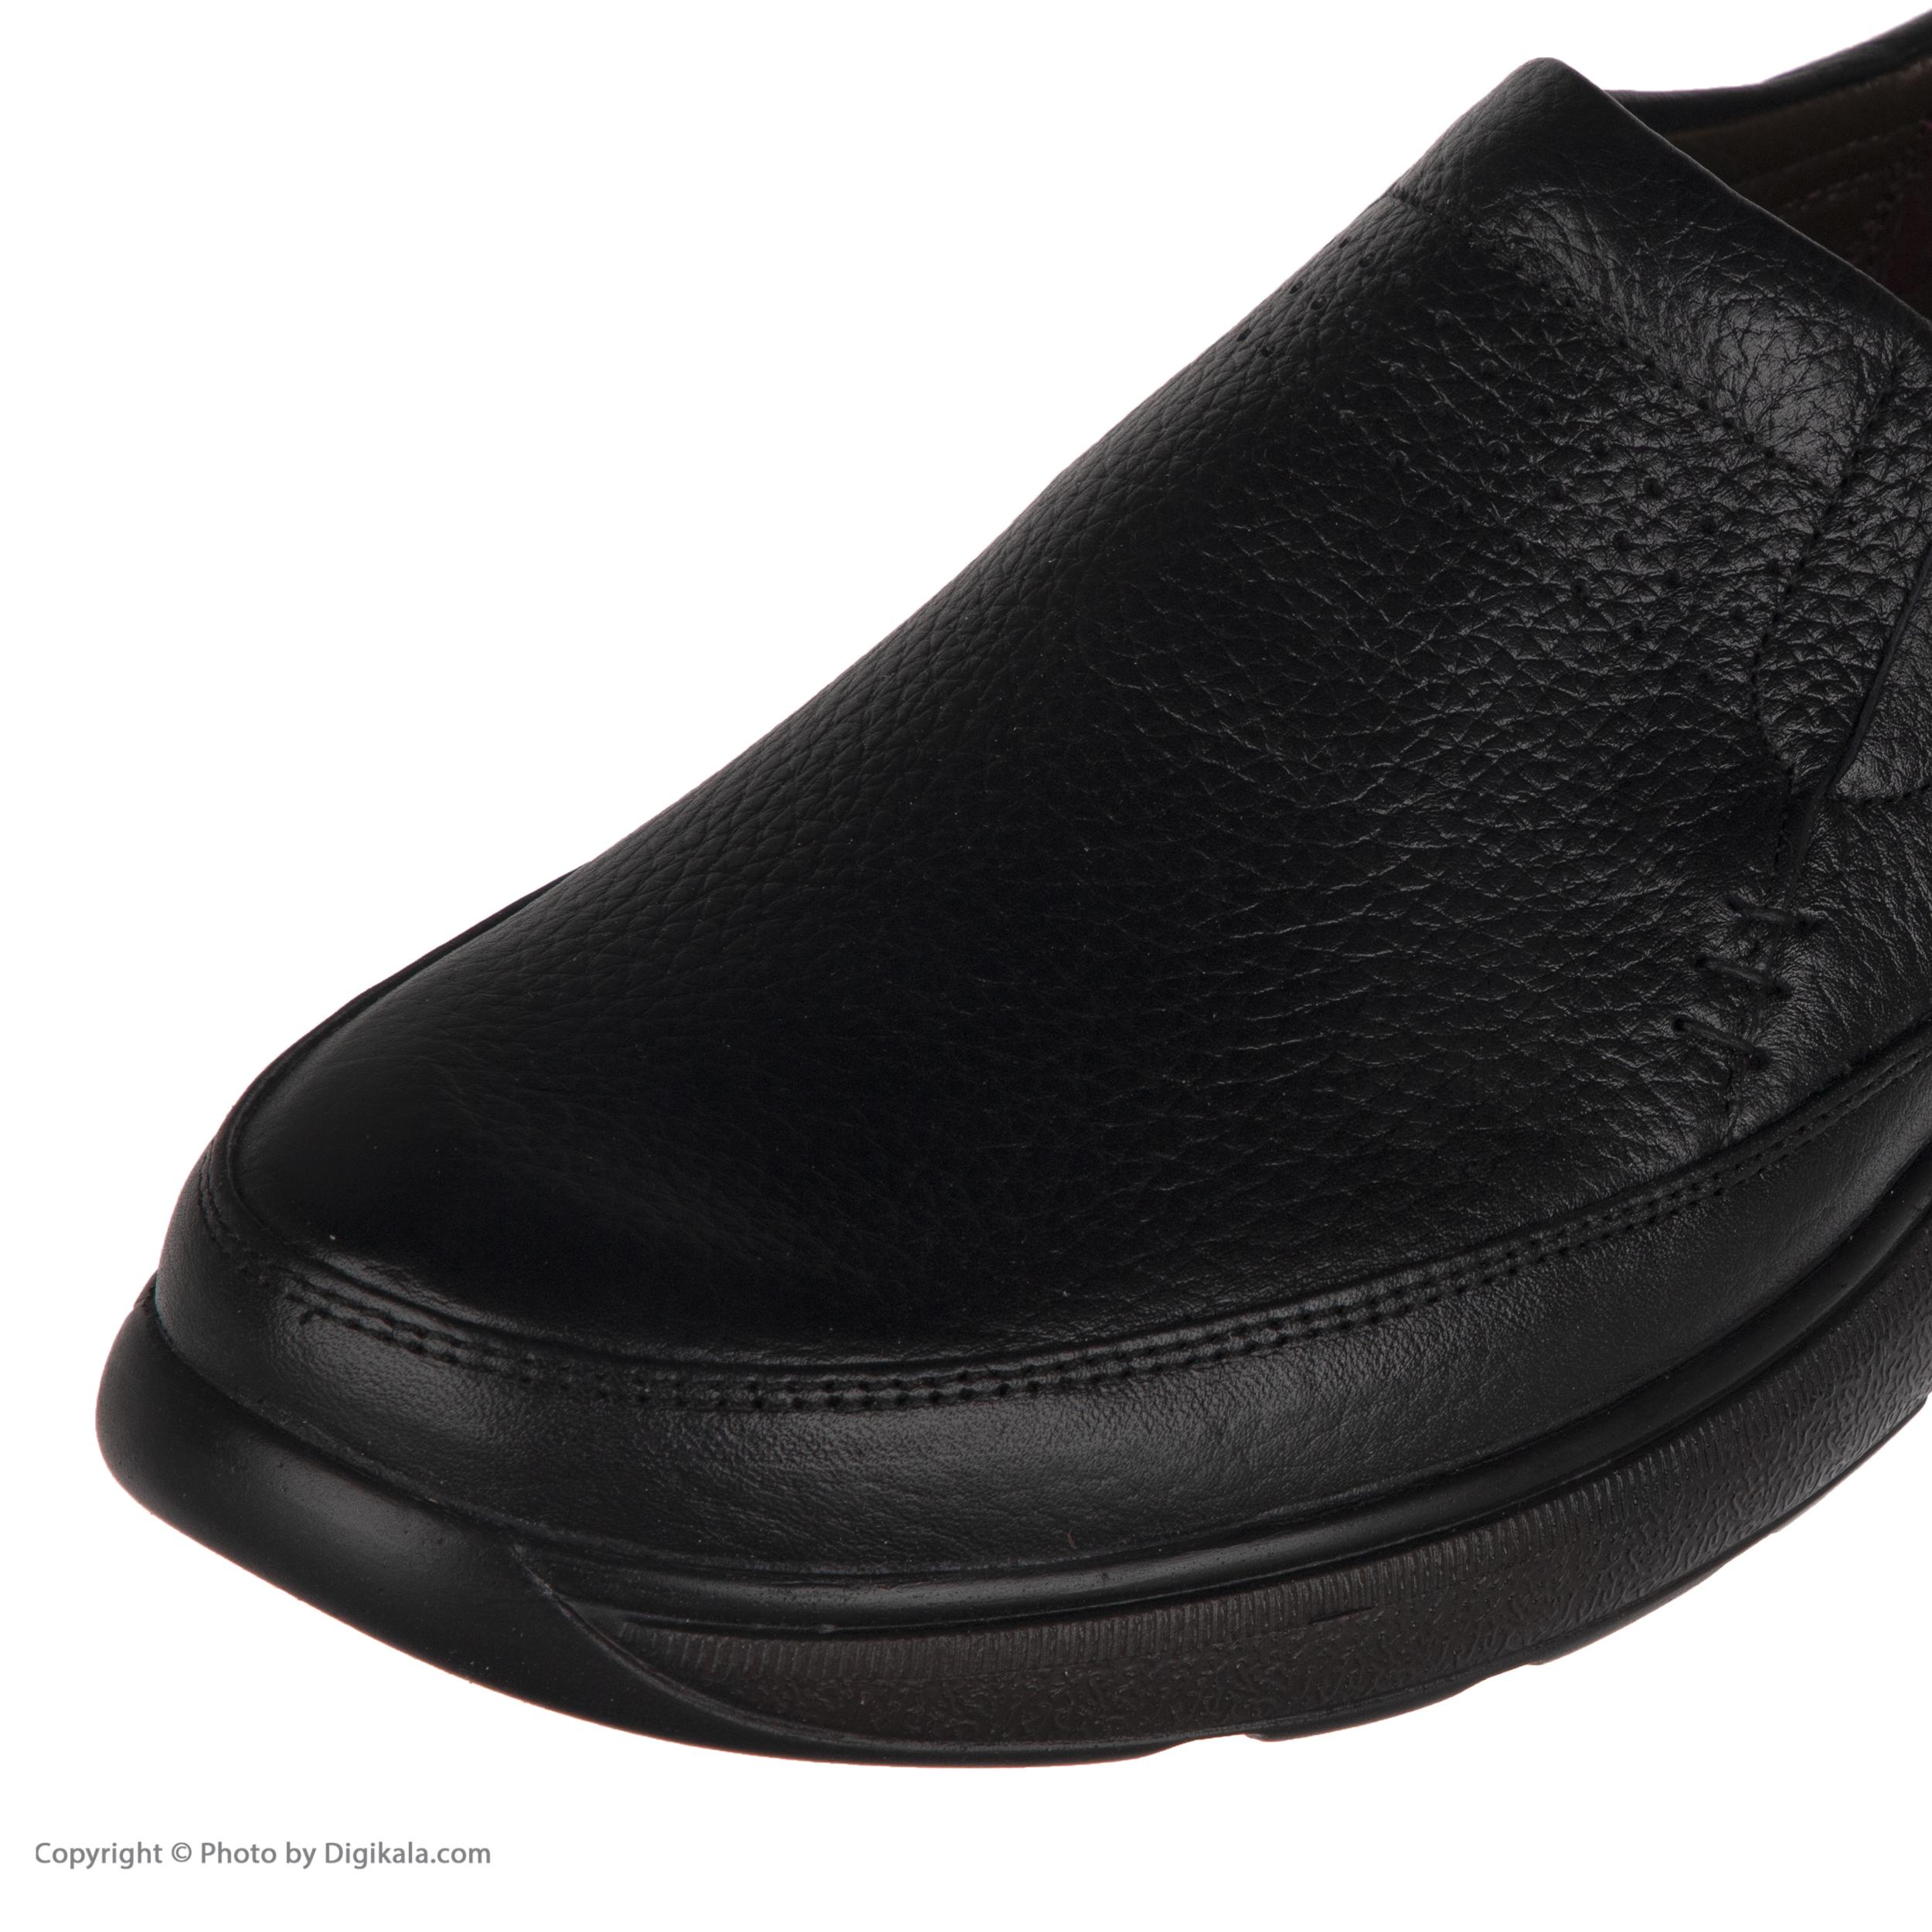 کفش روزمره مردانه سوته مدل 4931D503101 -  - 8